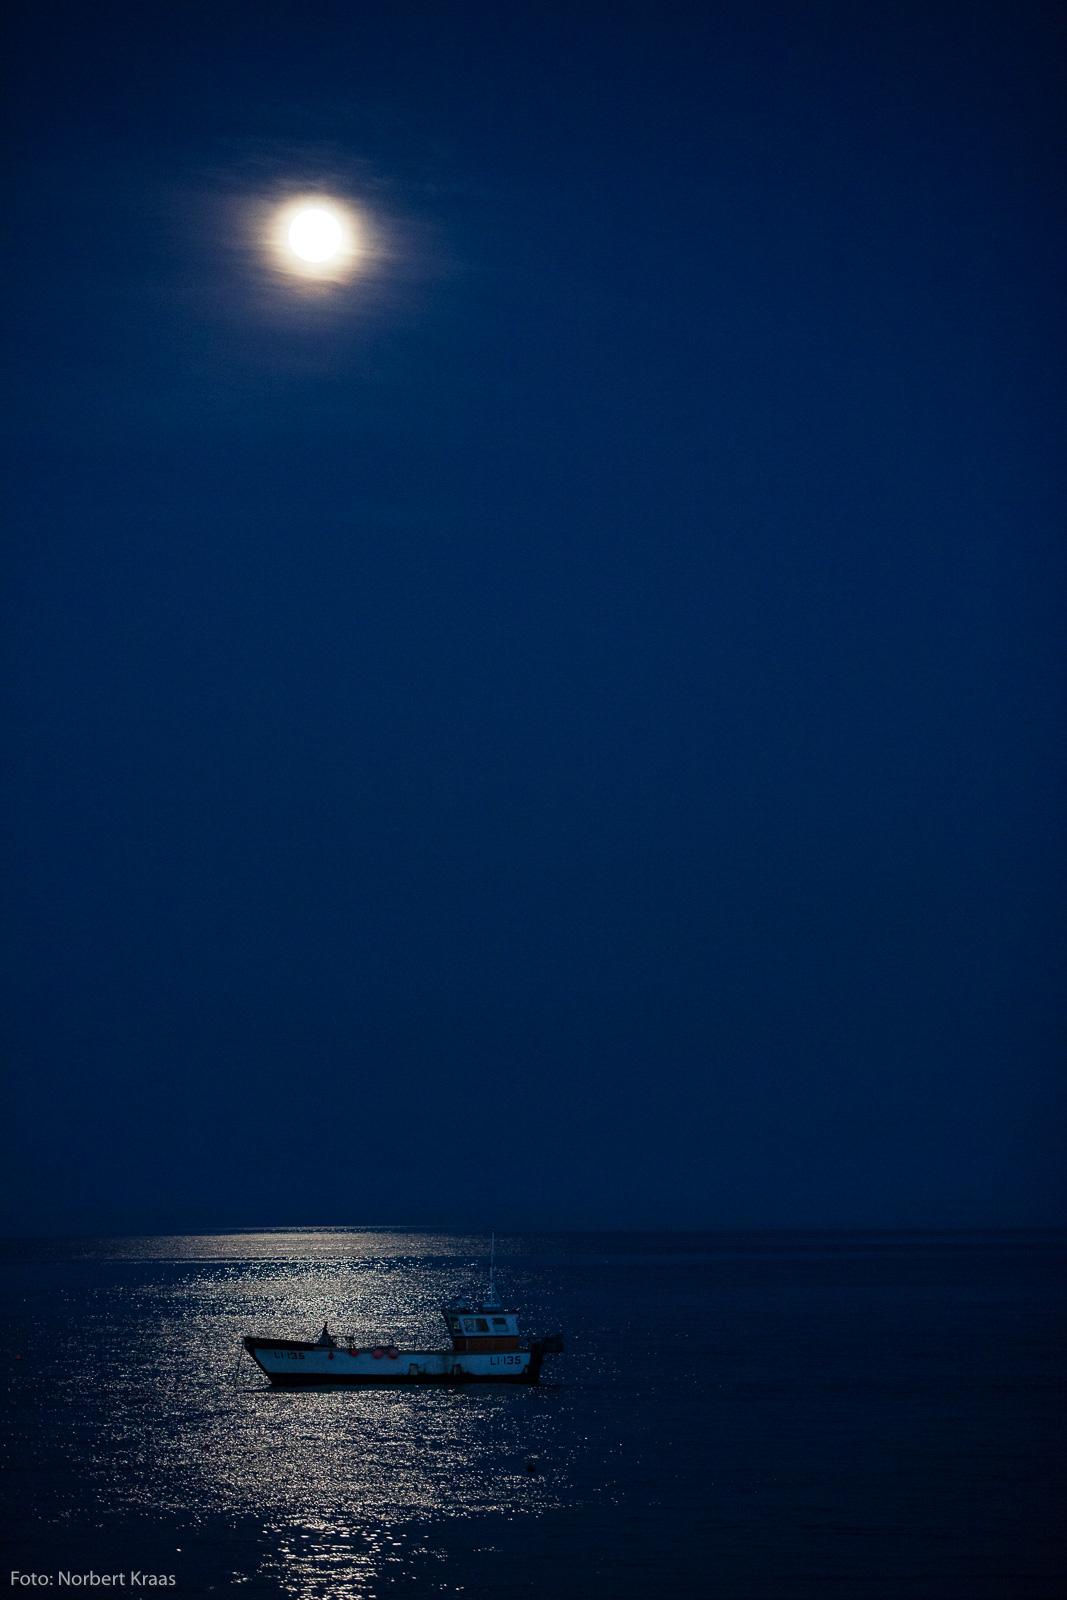 Sieht so Stille aus? Fischerboot vor Selsey an der englischen Südküste. #nophotoshop